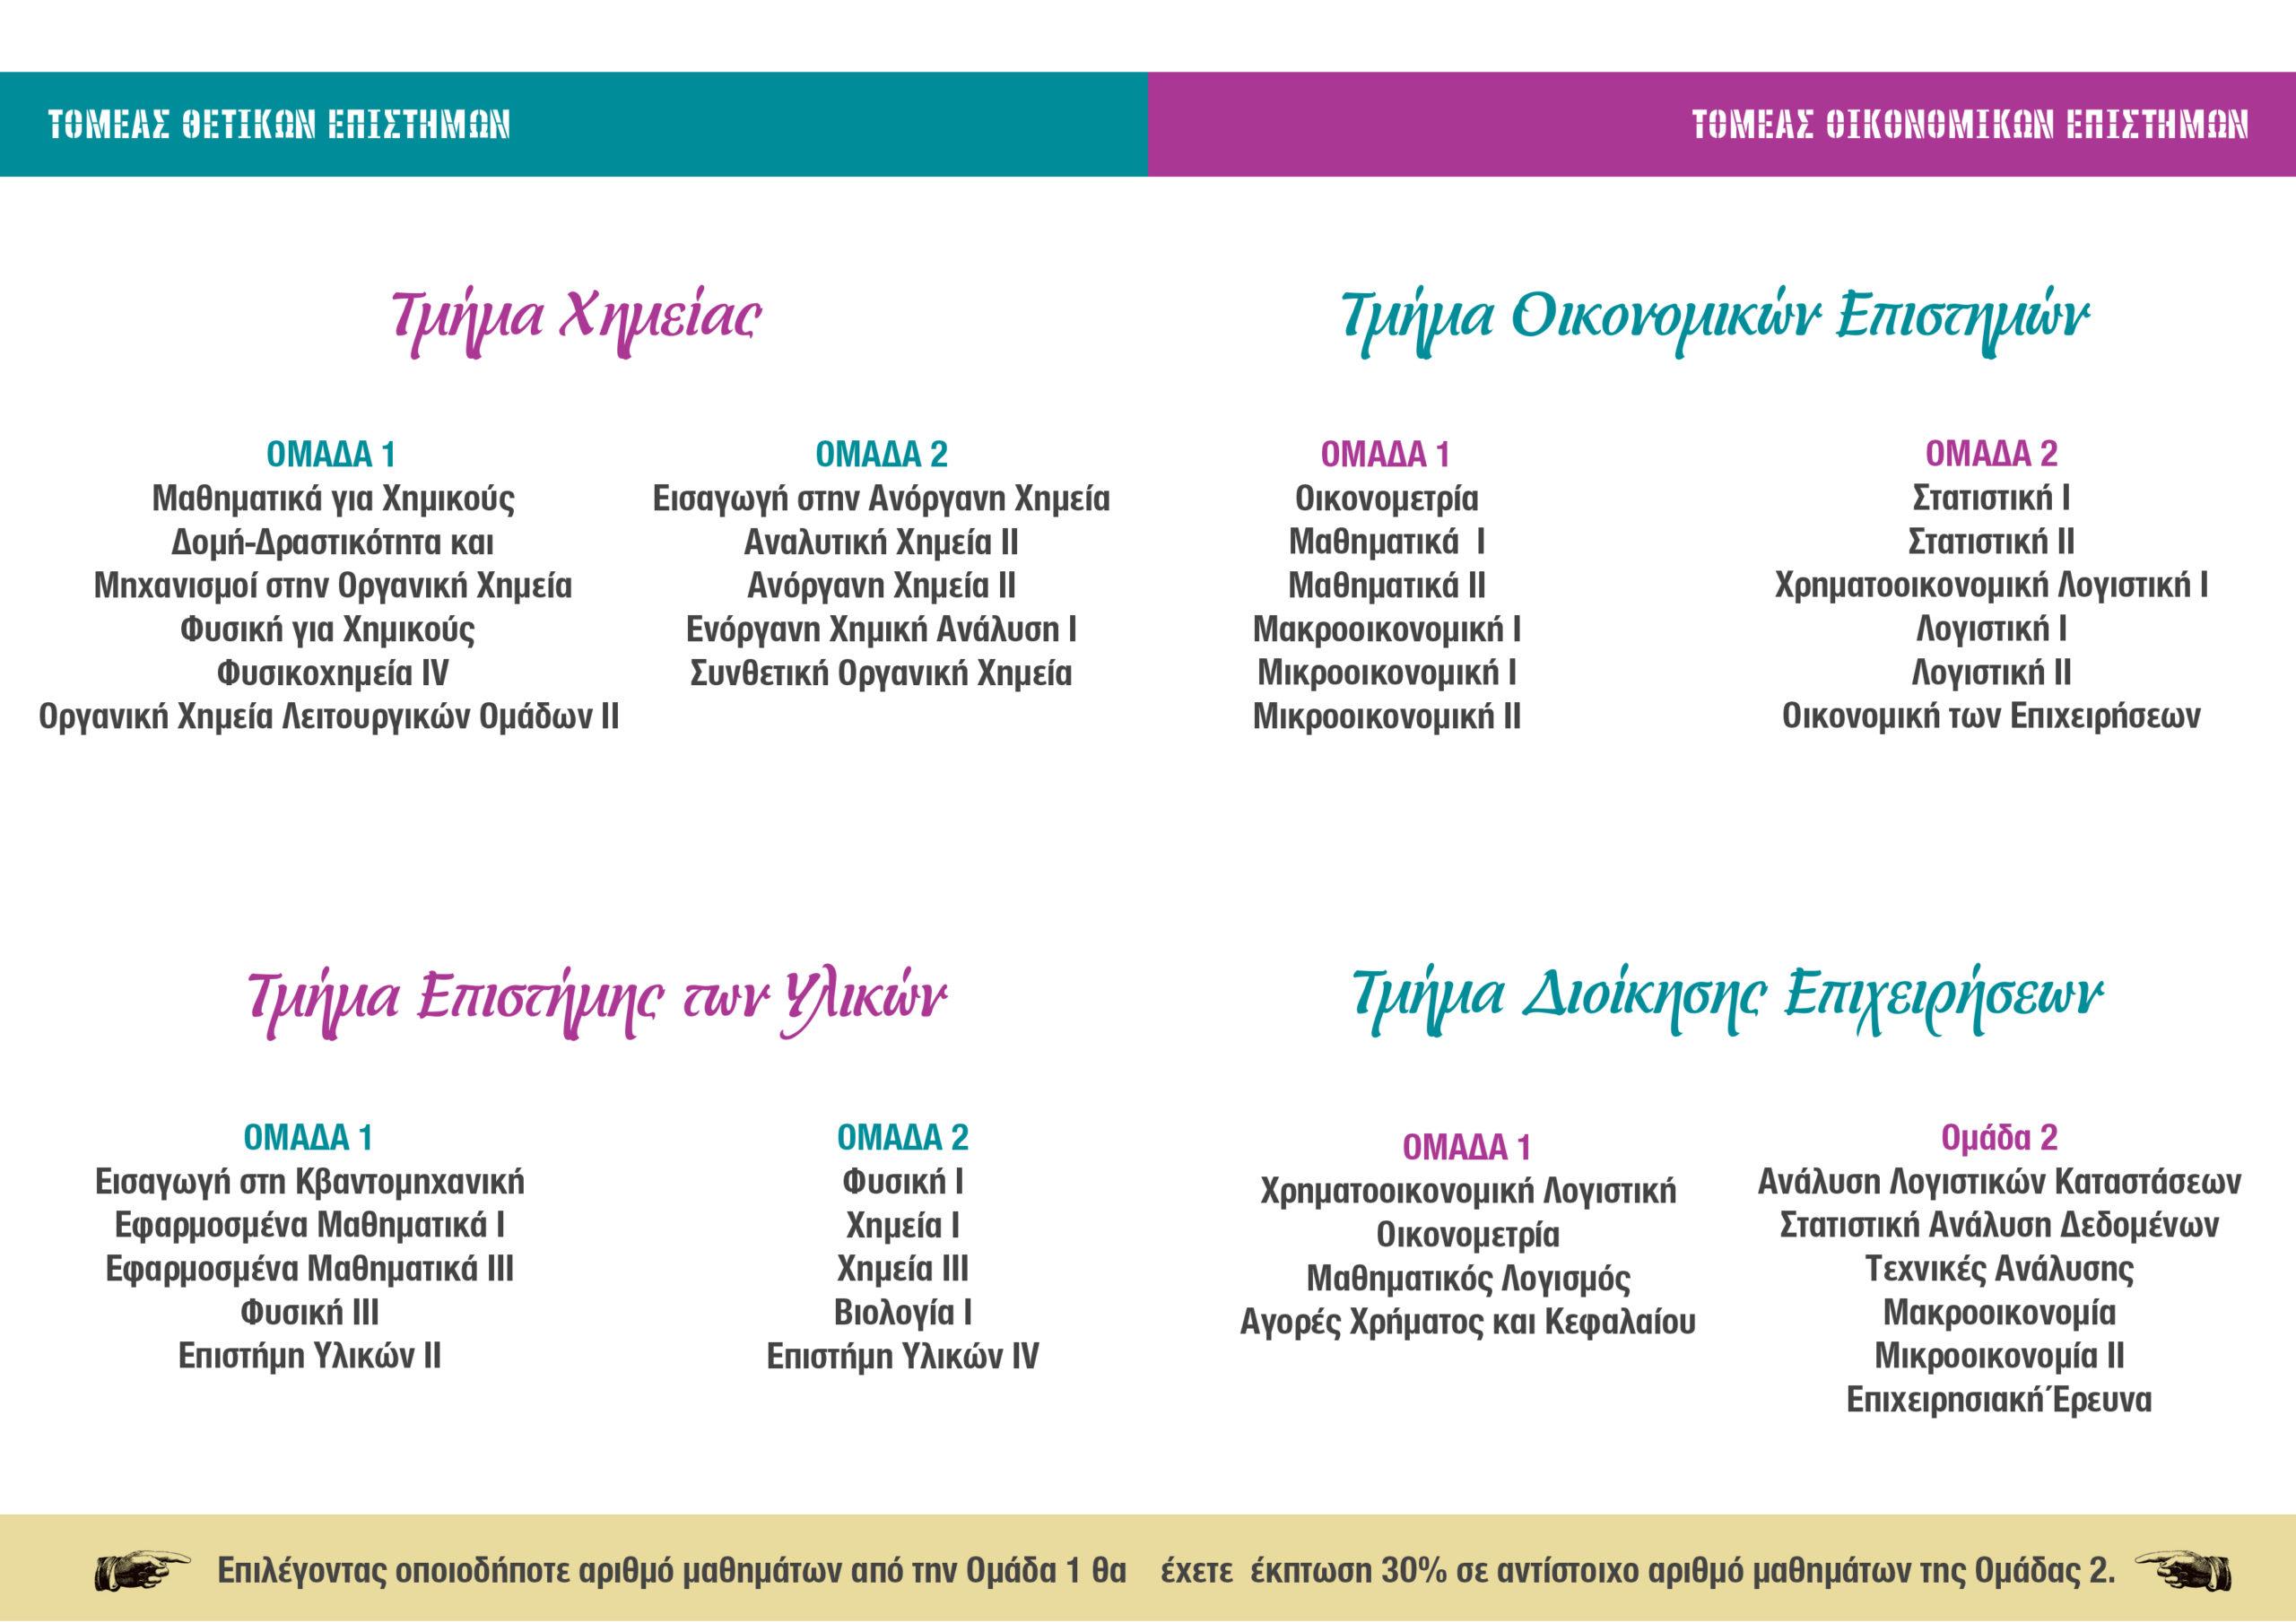 Χημείας, Οικονομικών Επιστημών, Επιστήμης υλικών, Διοίκησης επιχειρήσεων